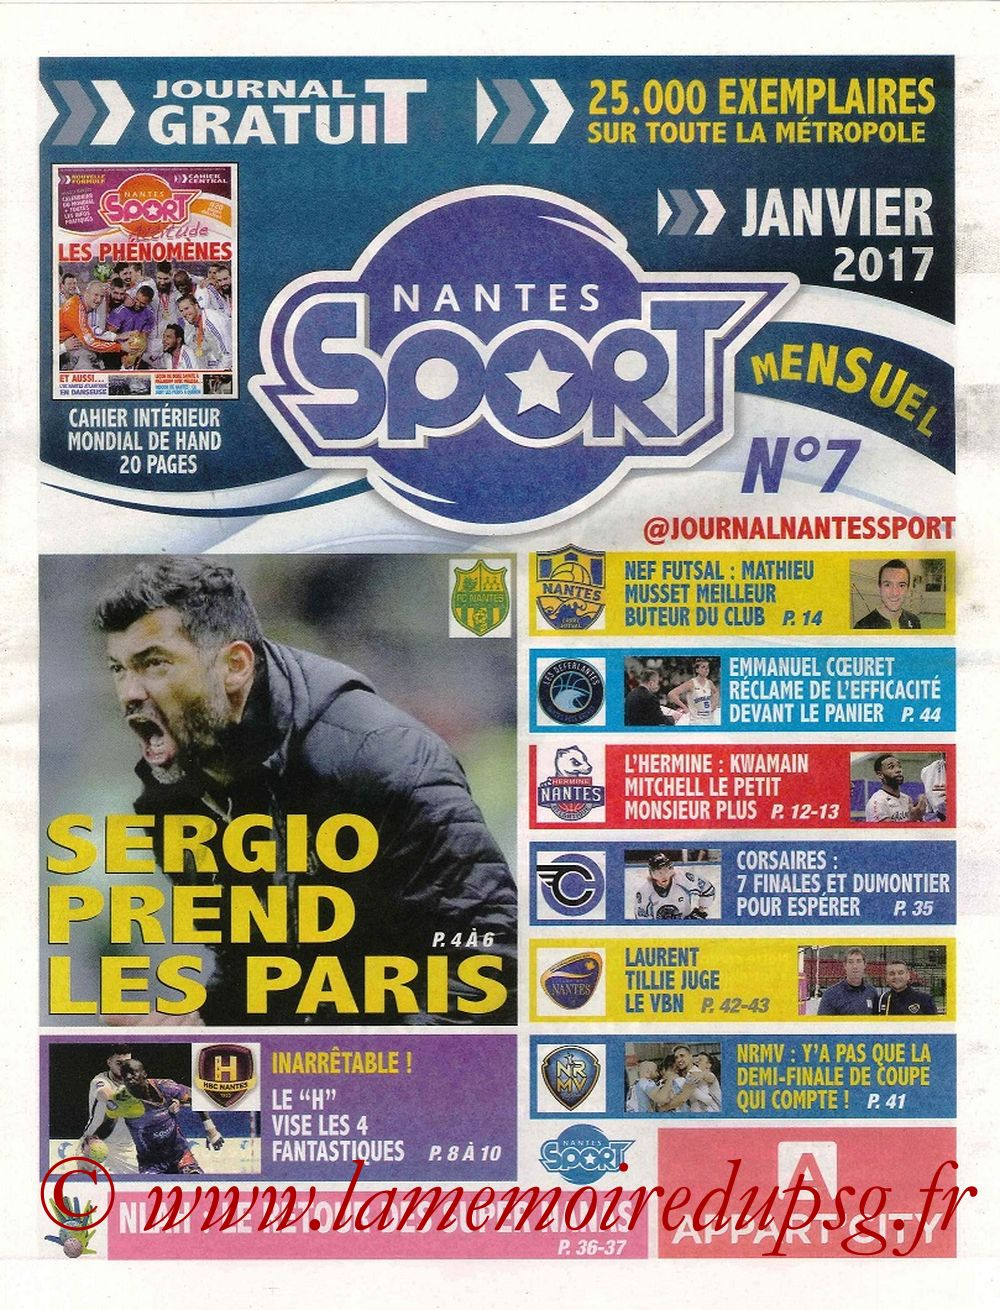 2017-01-21  Nantes-PSG (21ème L1, Nantes Sport N° 7)